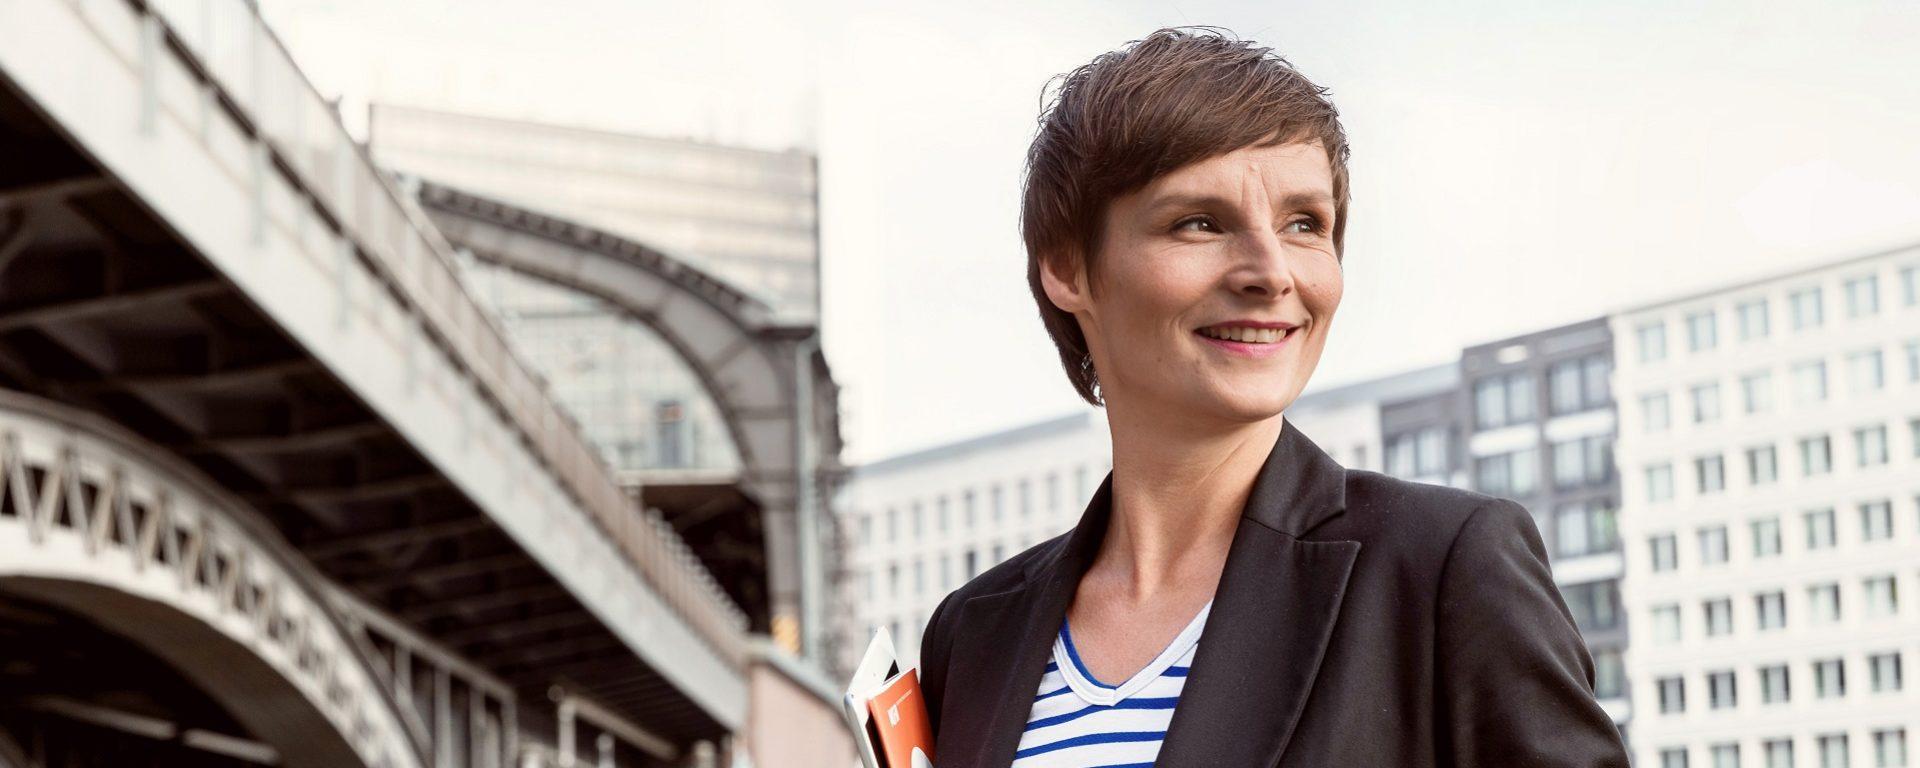 Transdev Berlin Berlin Allemagne Germany femme women woman employé employee